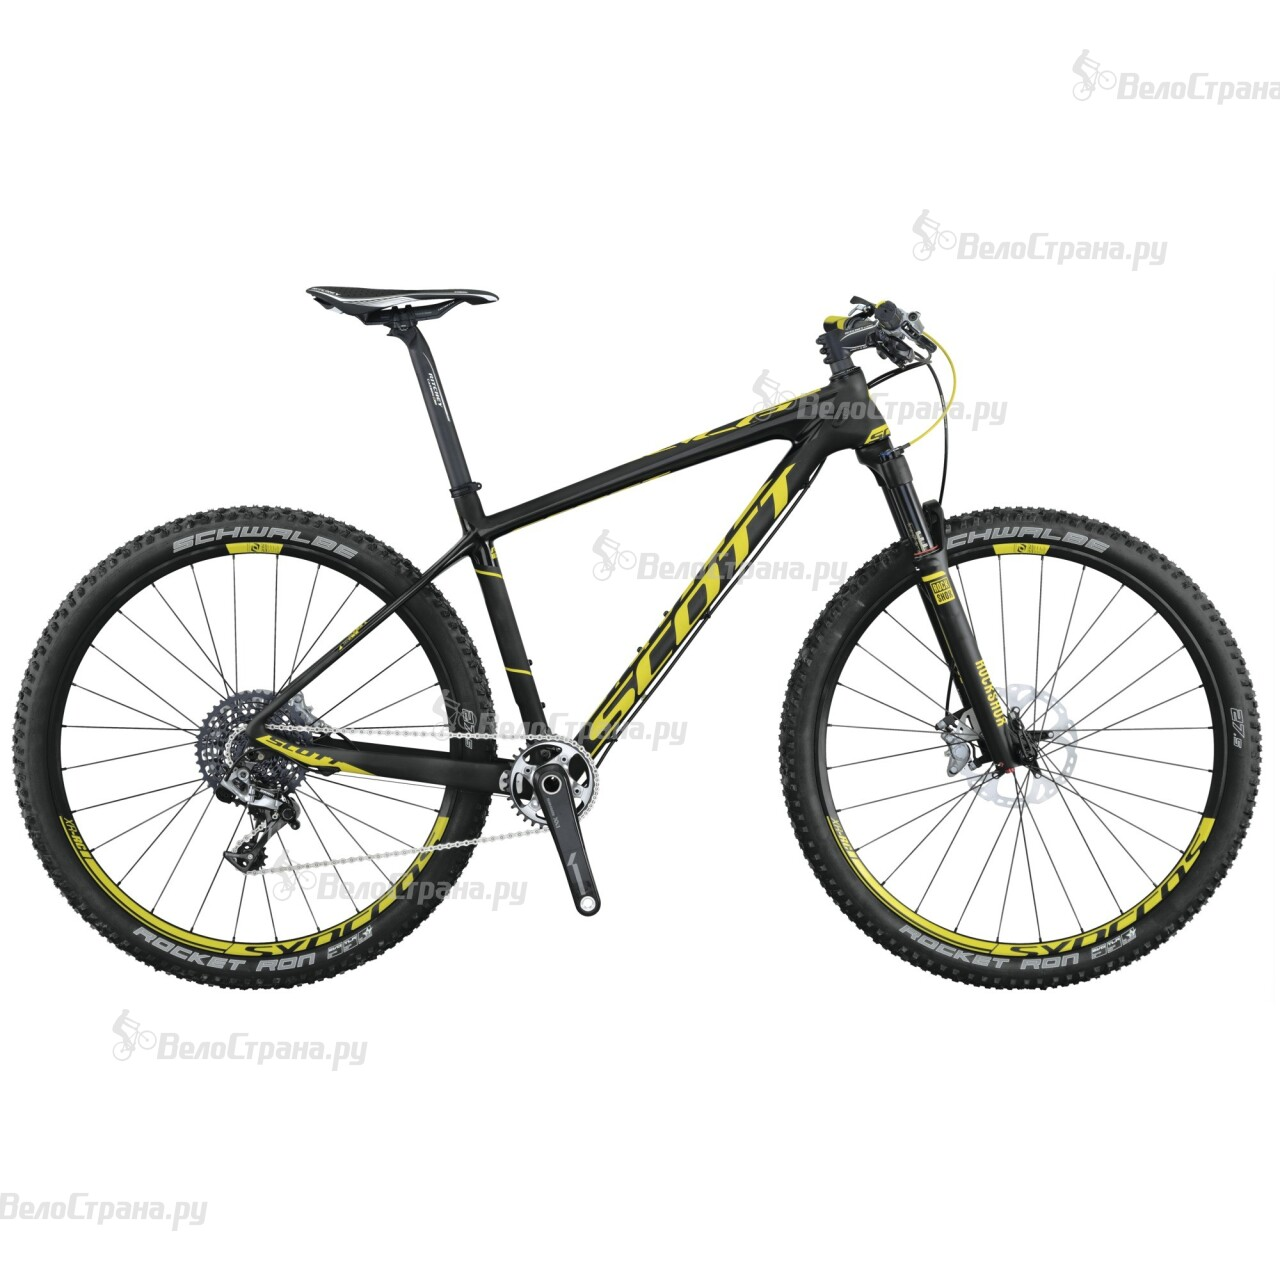 Велосипед Scott Scale 700 RC (2015) велосипед scott scale 700 premium 2015